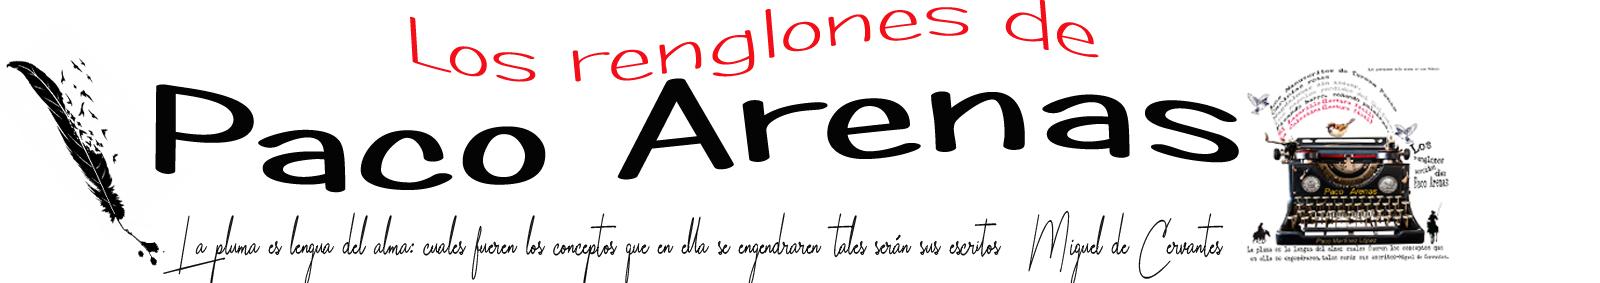 Los renglones de Paco Arenas